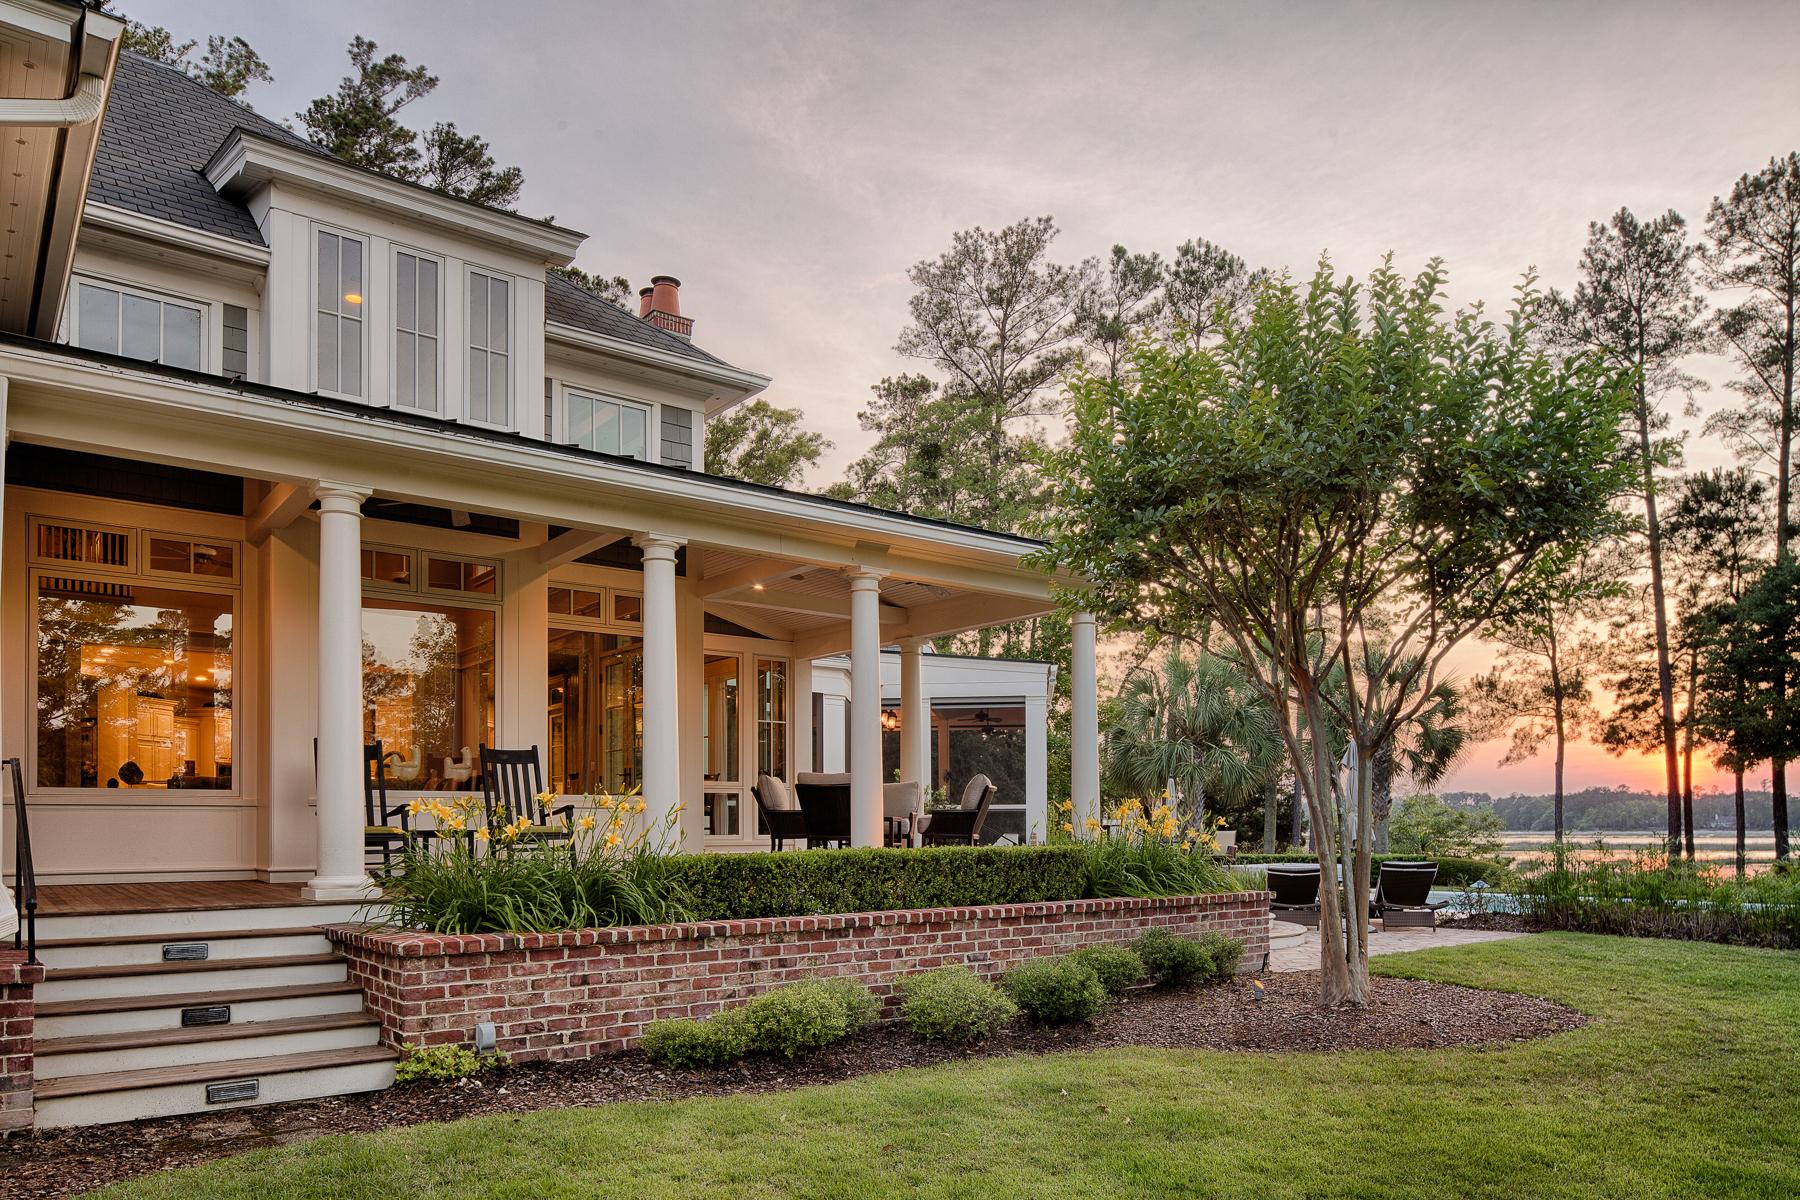 단독 가정 주택 용 매매 에 45 Holly Grove Road Berkeley Hall, Bluffton, 사우스캐놀라이나, 29909 미국